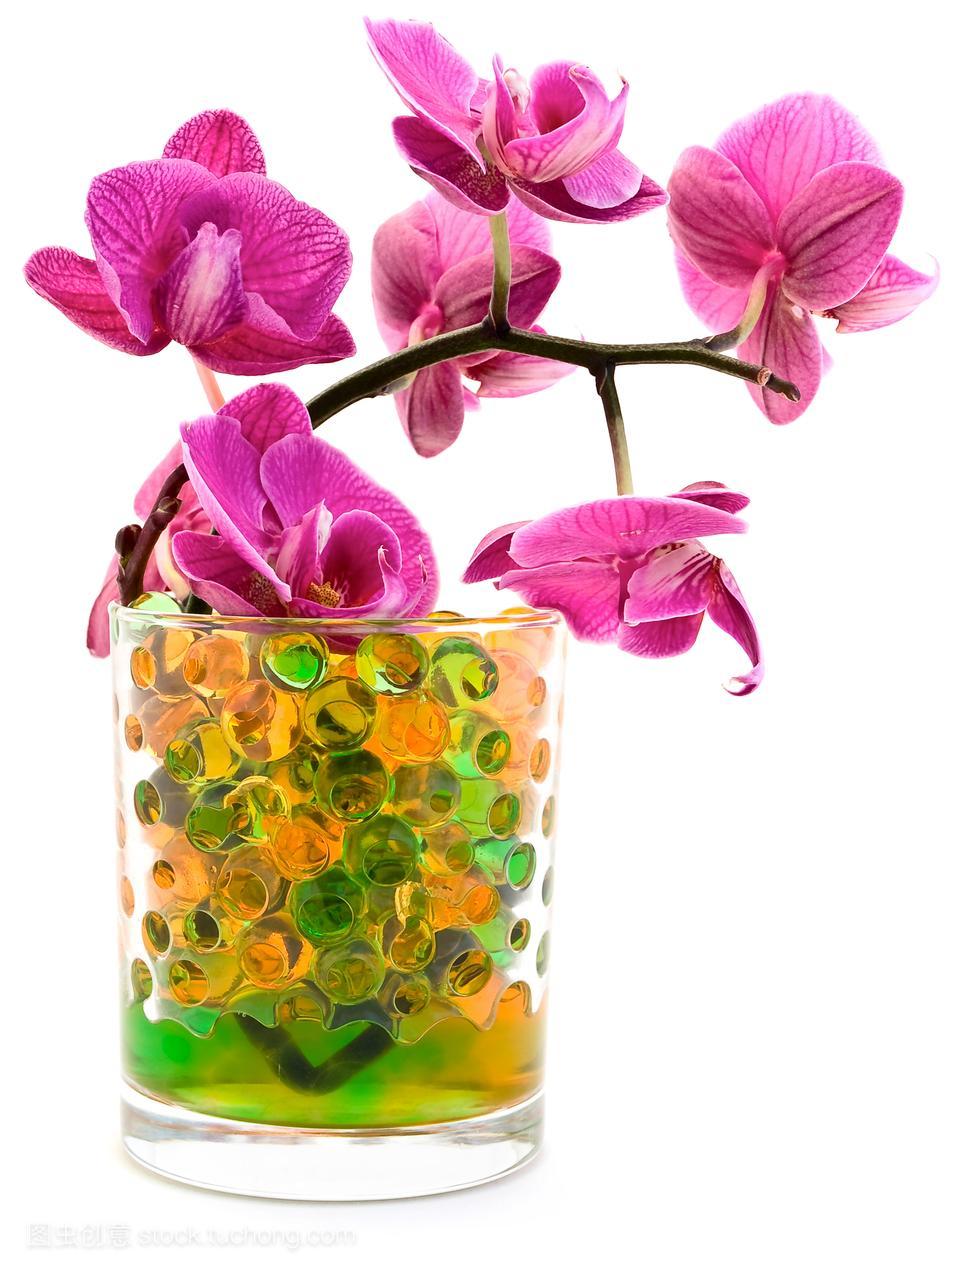 花束,花样,花神,装修,装饰的,花艺,花瓣,茎,装潢,